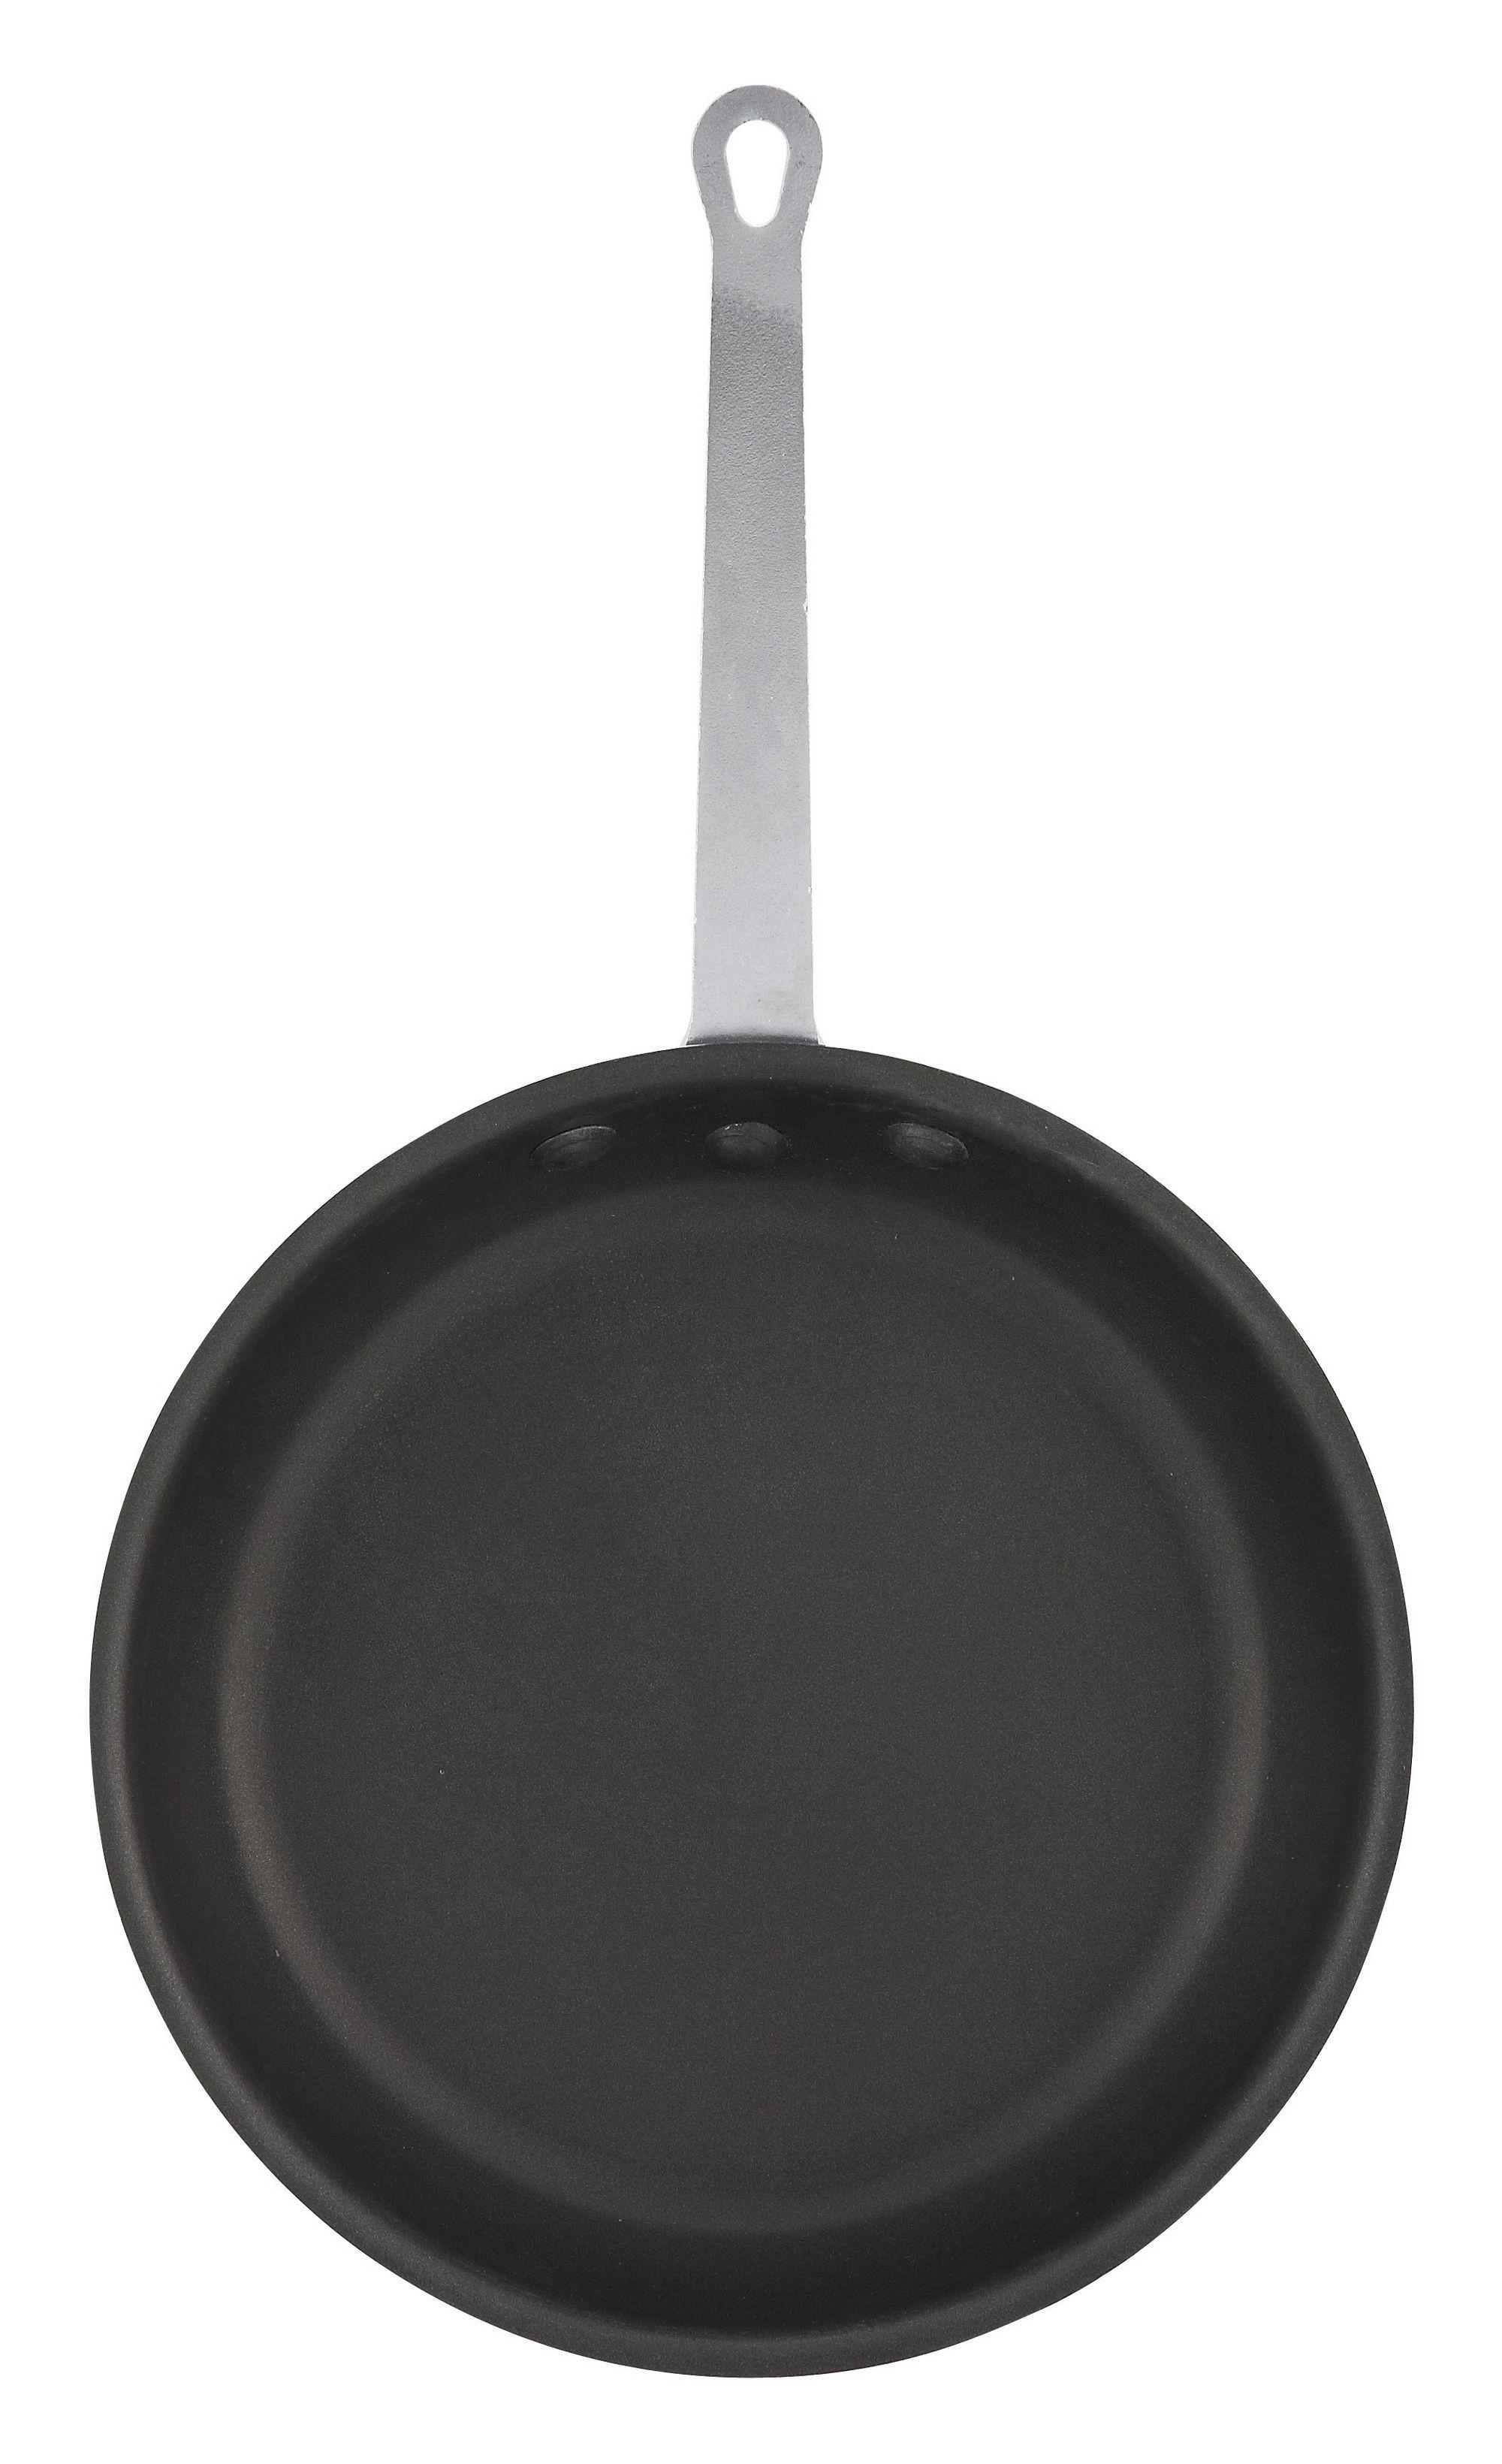 14 3.5 mm Aluminum Non-Stick Fry Pan